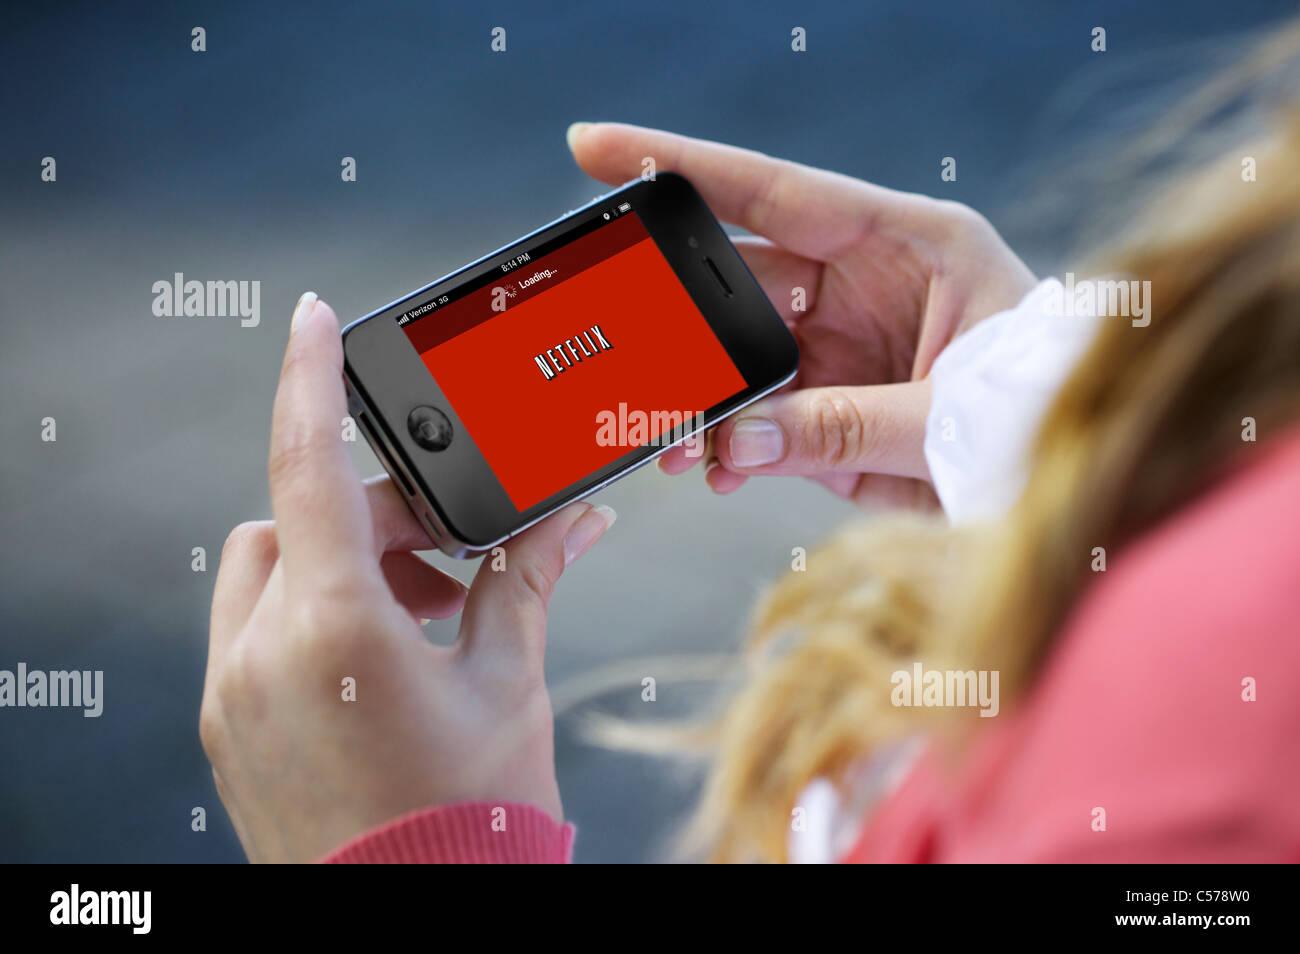 Nahaufnahme Bild einer Frau Film auf Netflix (Online-Film-Verleih) app vom iPhone 4 Stockbild